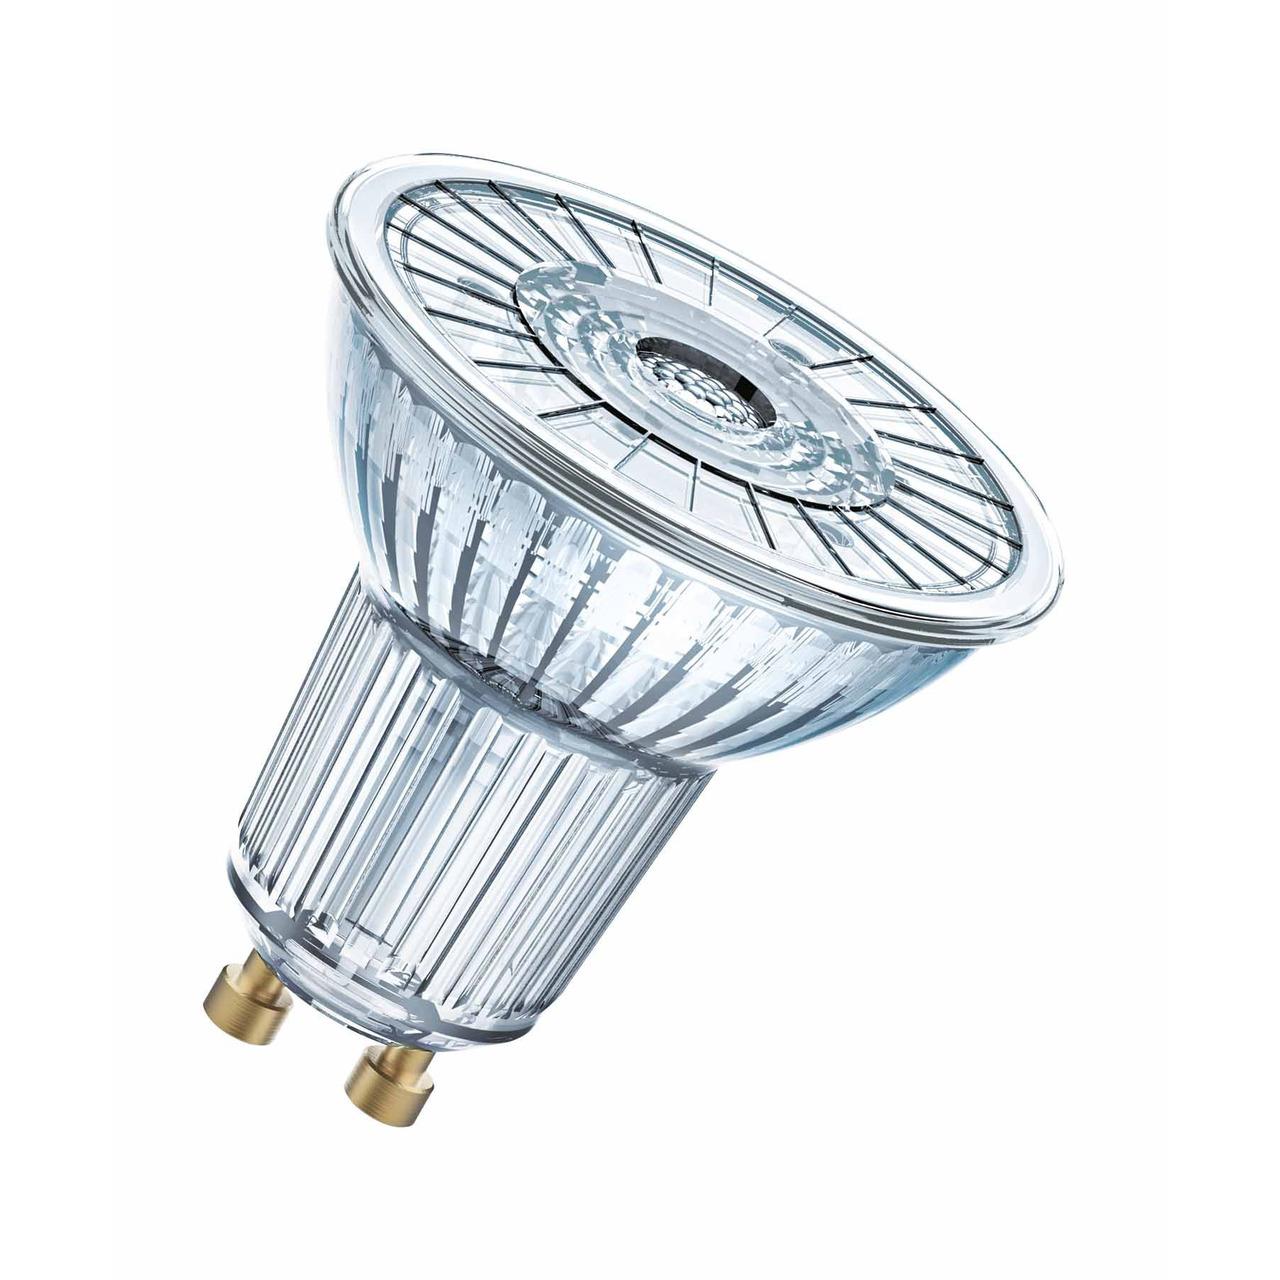 OSRAM LED SUPERSTAR 8-3-W-GU10-LED-Lampe- neutralweiss- dimmbar- mit Glas-Reflektor